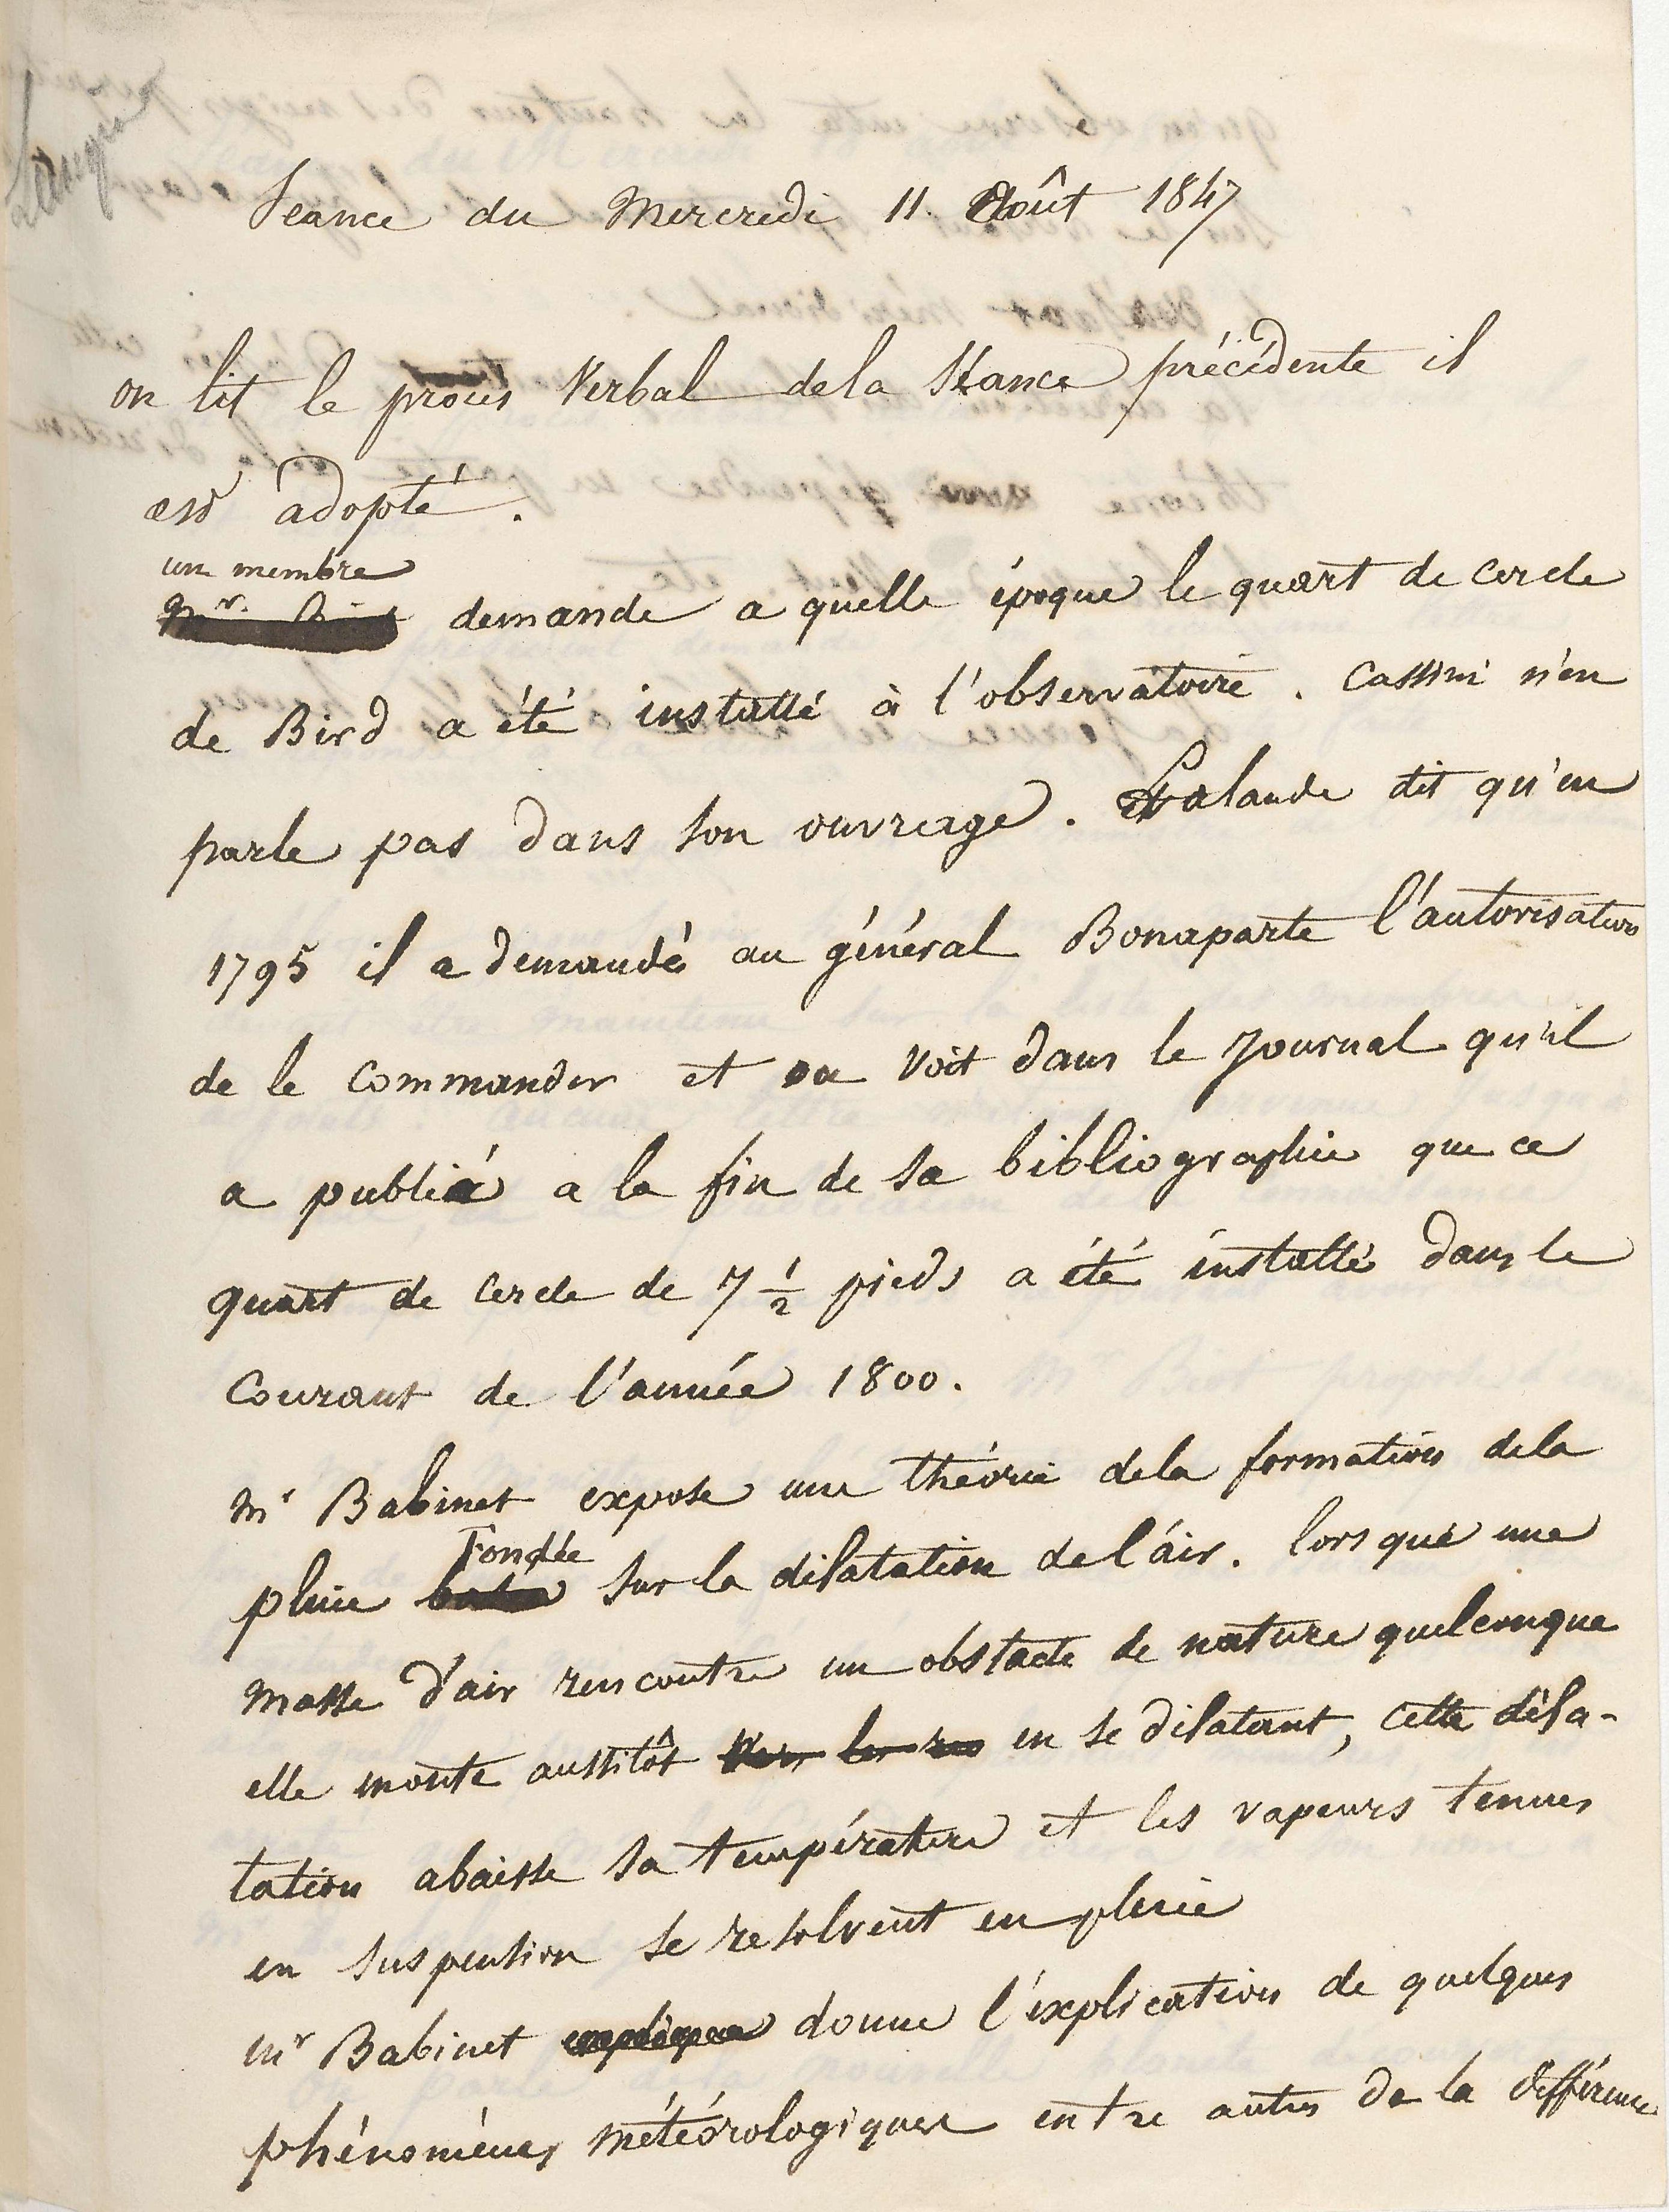 Procès-verbal du 11 août 1847